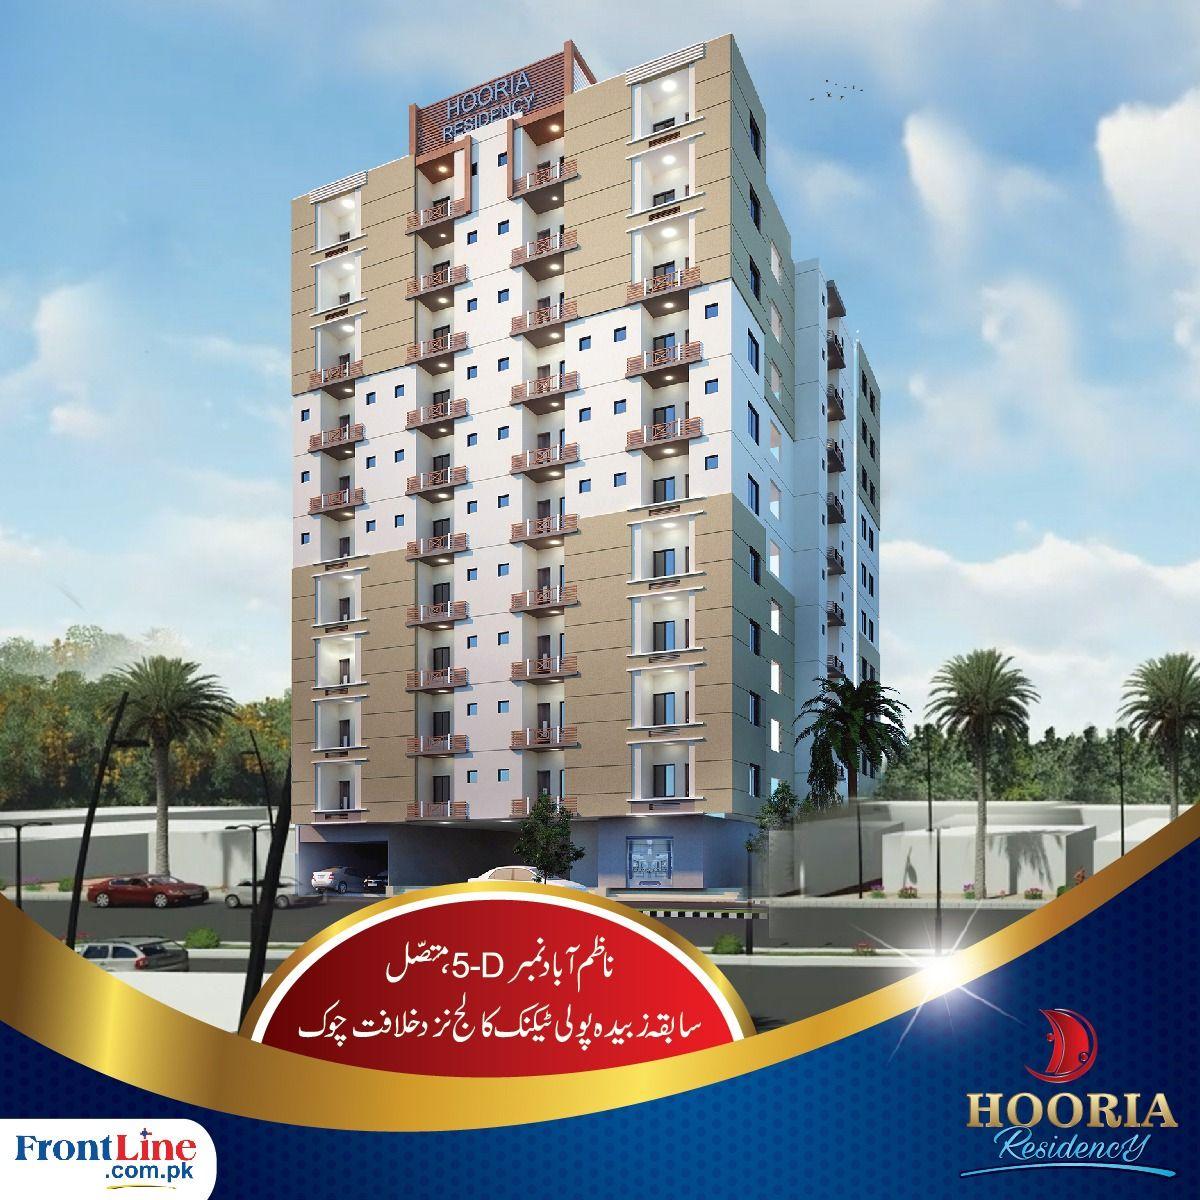 Hooria Residency Brings 3 & 4 Rooms Super Luxury